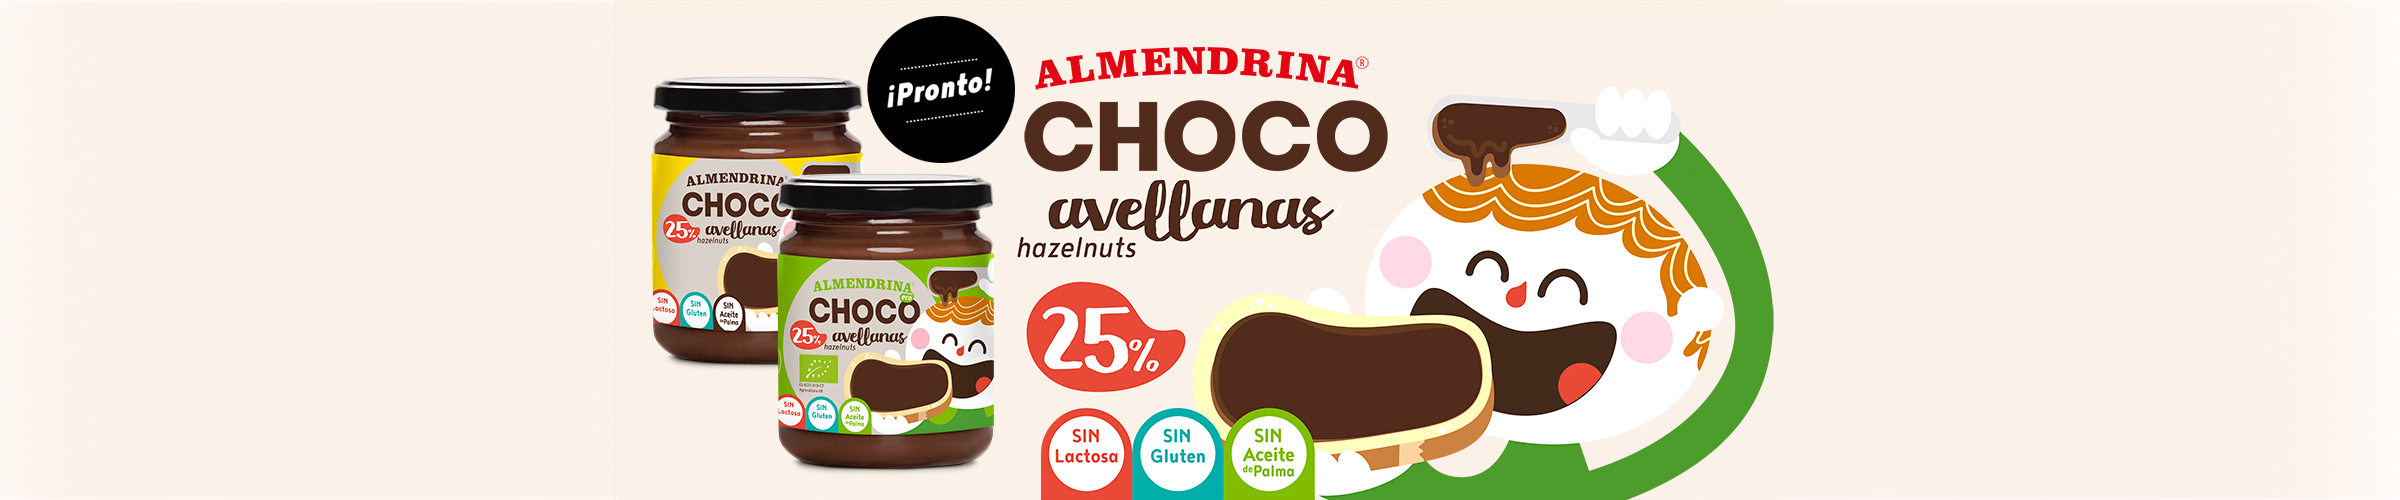 Crema de chocolate y avellanas de Almendrina